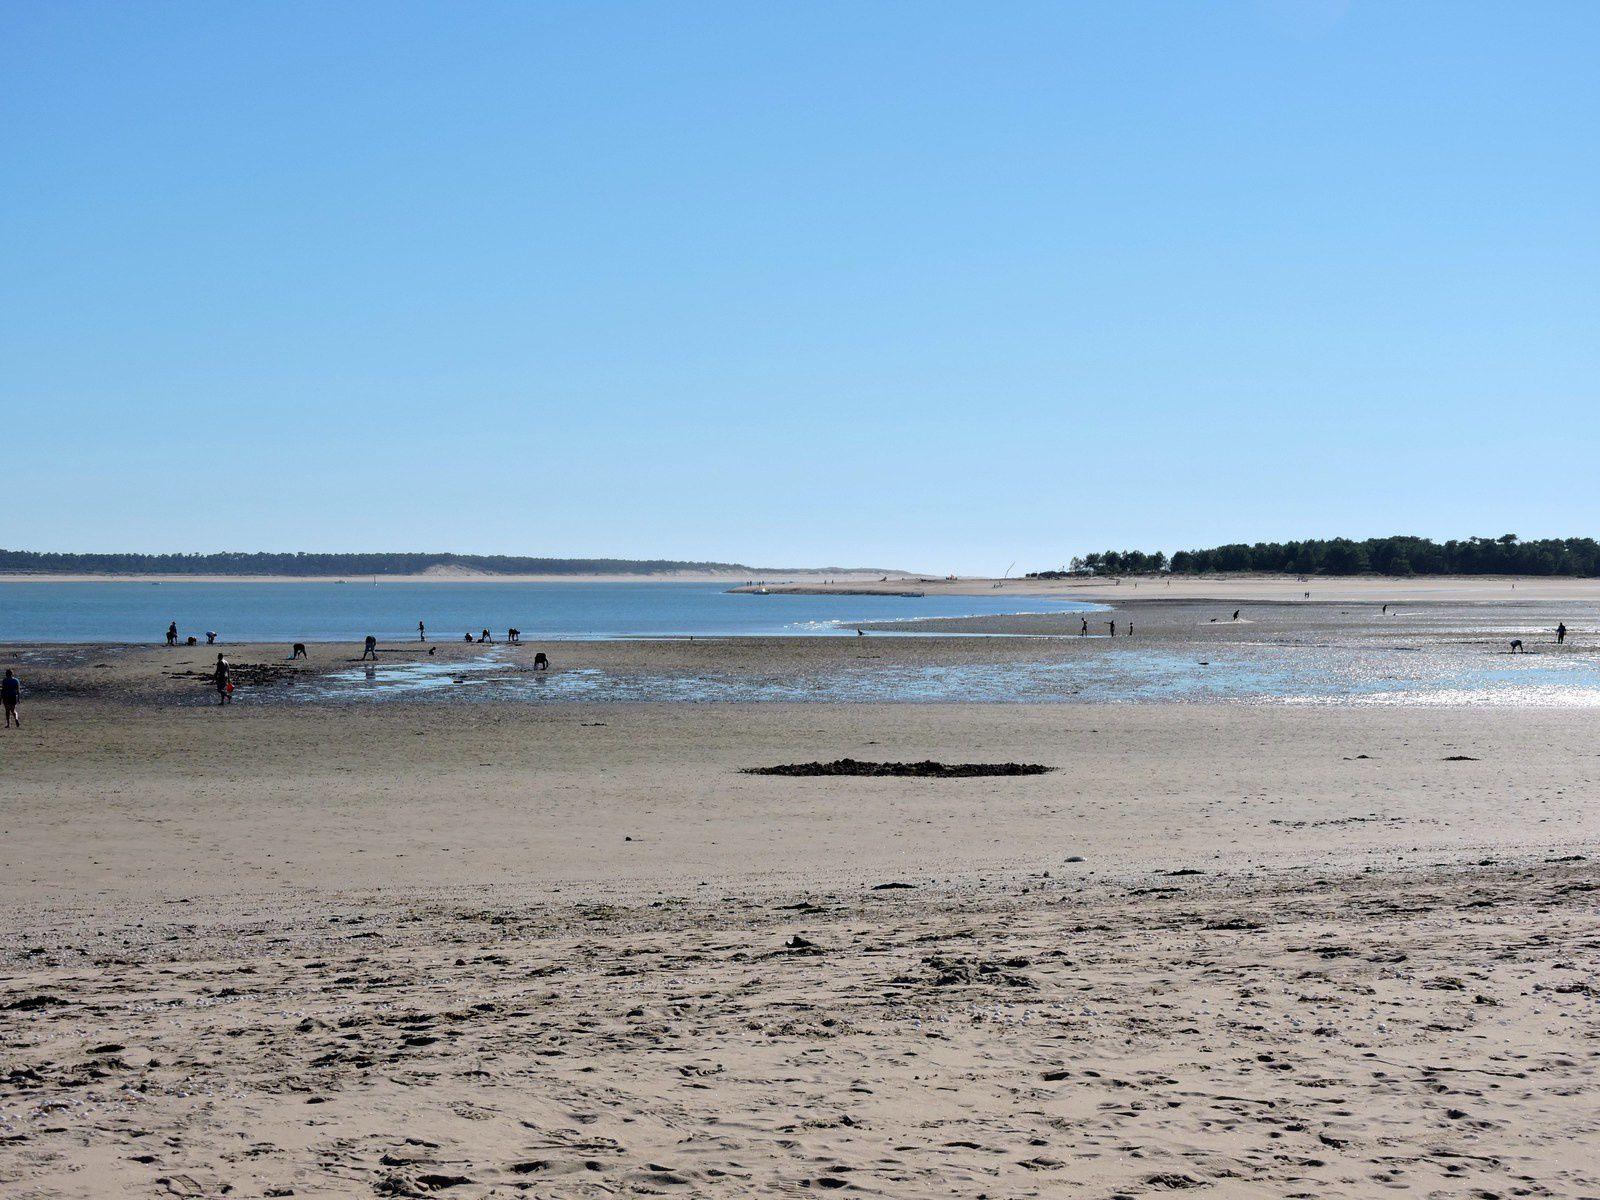 J'aime la plage de Gatseau à ST Trojan , il y a peu de monde en ce moment , beaucoup de retraités se reposent sur le sable ... En face de Gatseau on voit Ronces les bains.